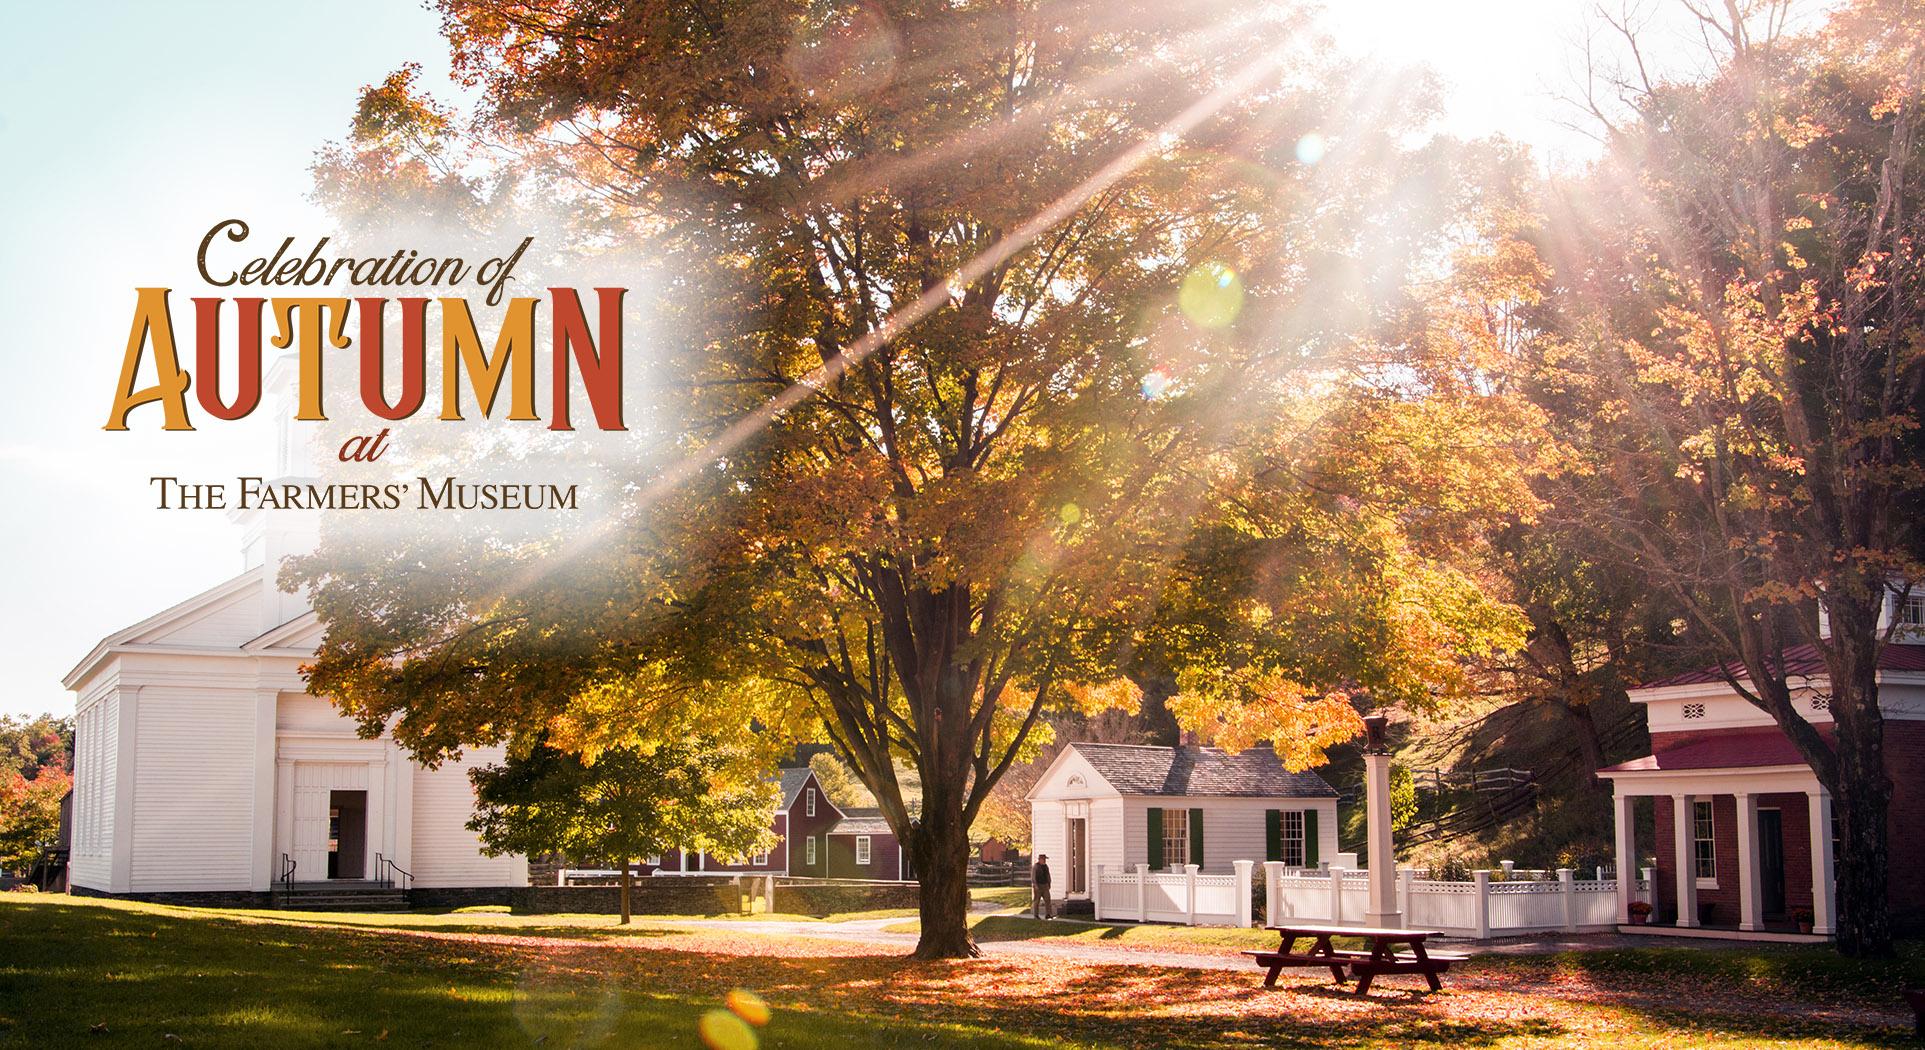 tfm-autumn-main-page-slide2